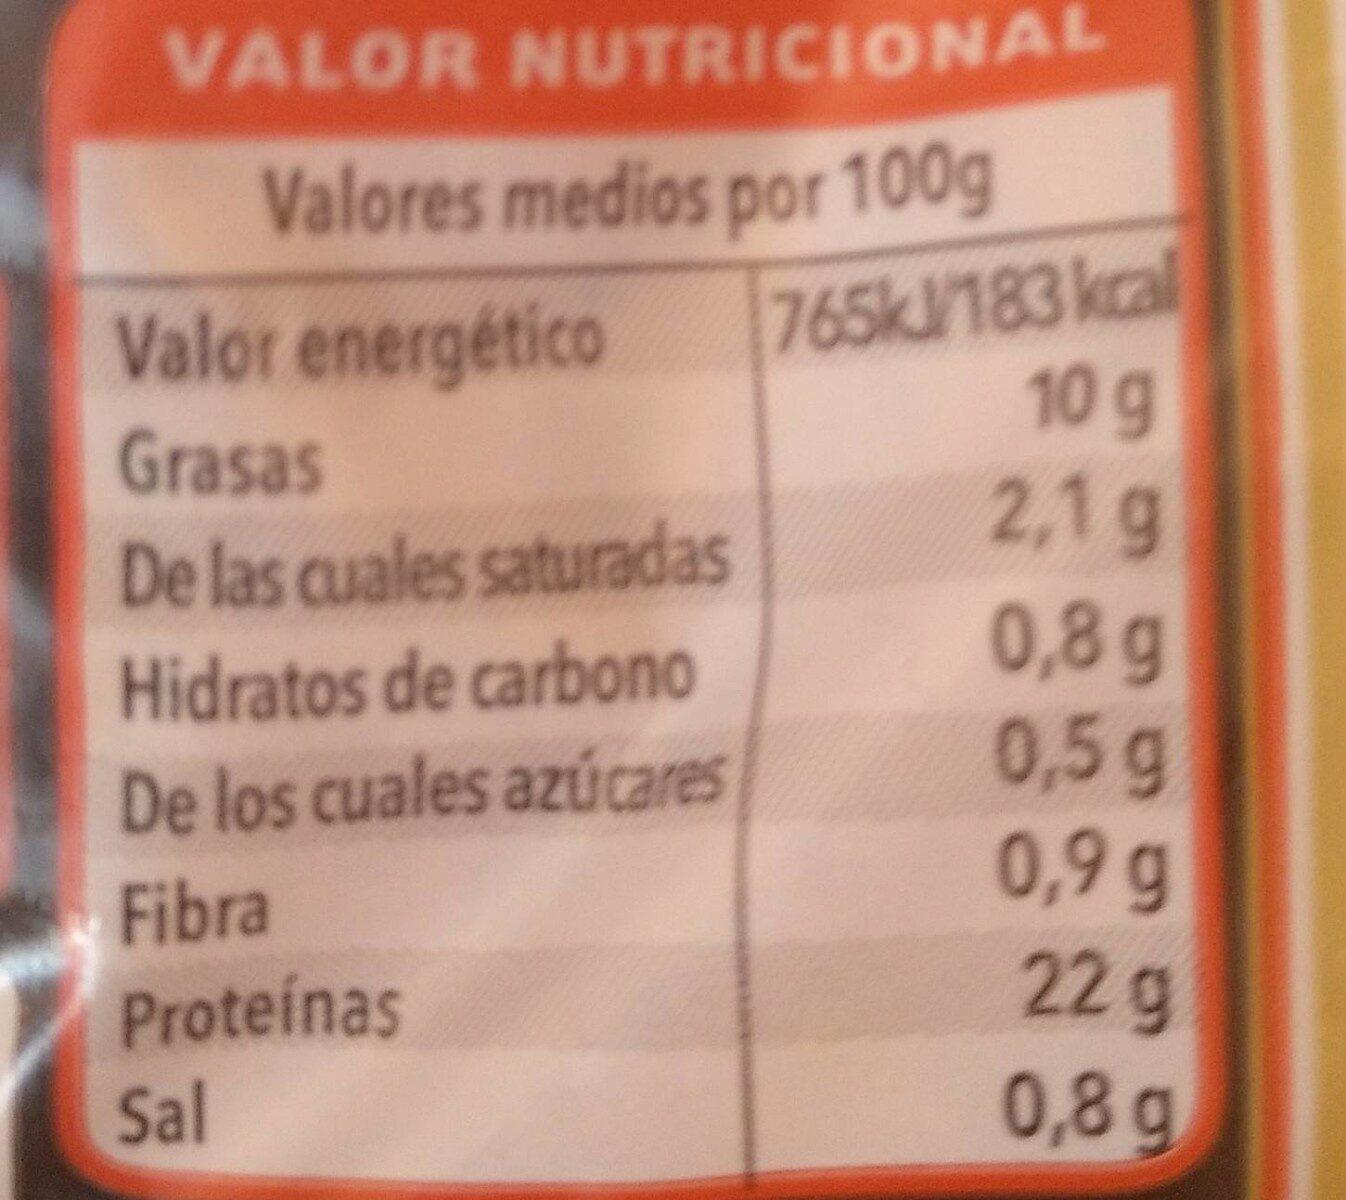 pollo asado - Voedingswaarden - es